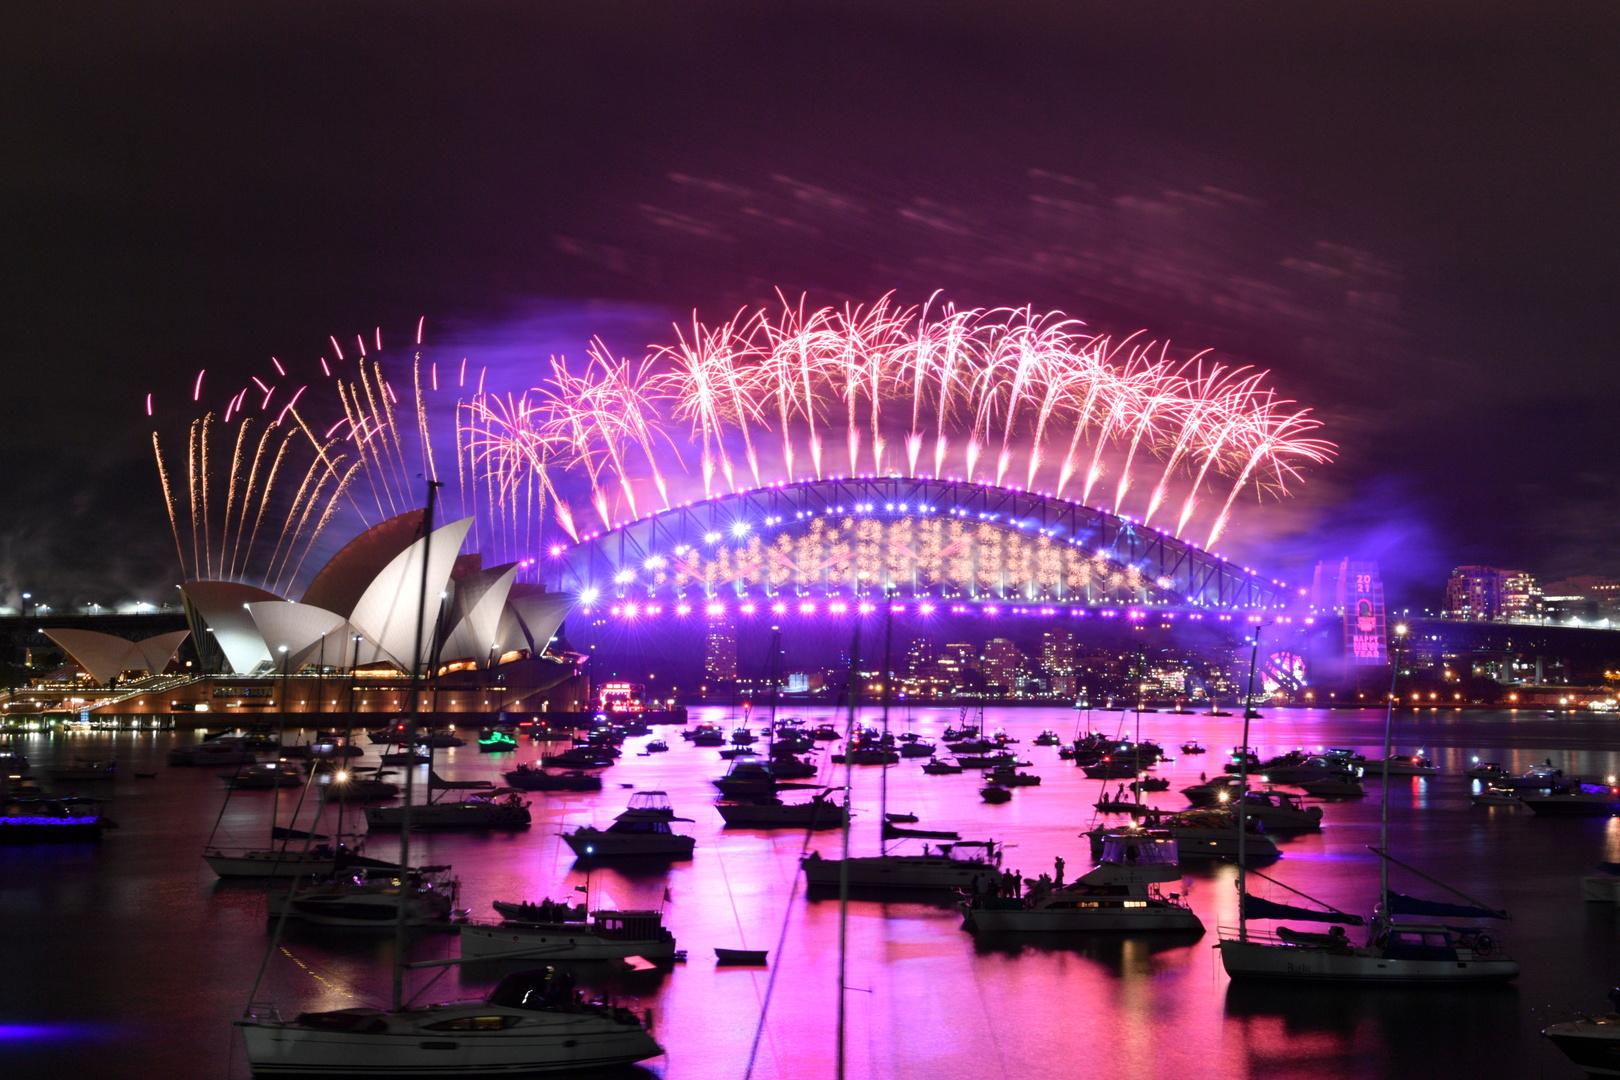 أول وآخر دولتين تحتفلان بعيد رأس السنة!